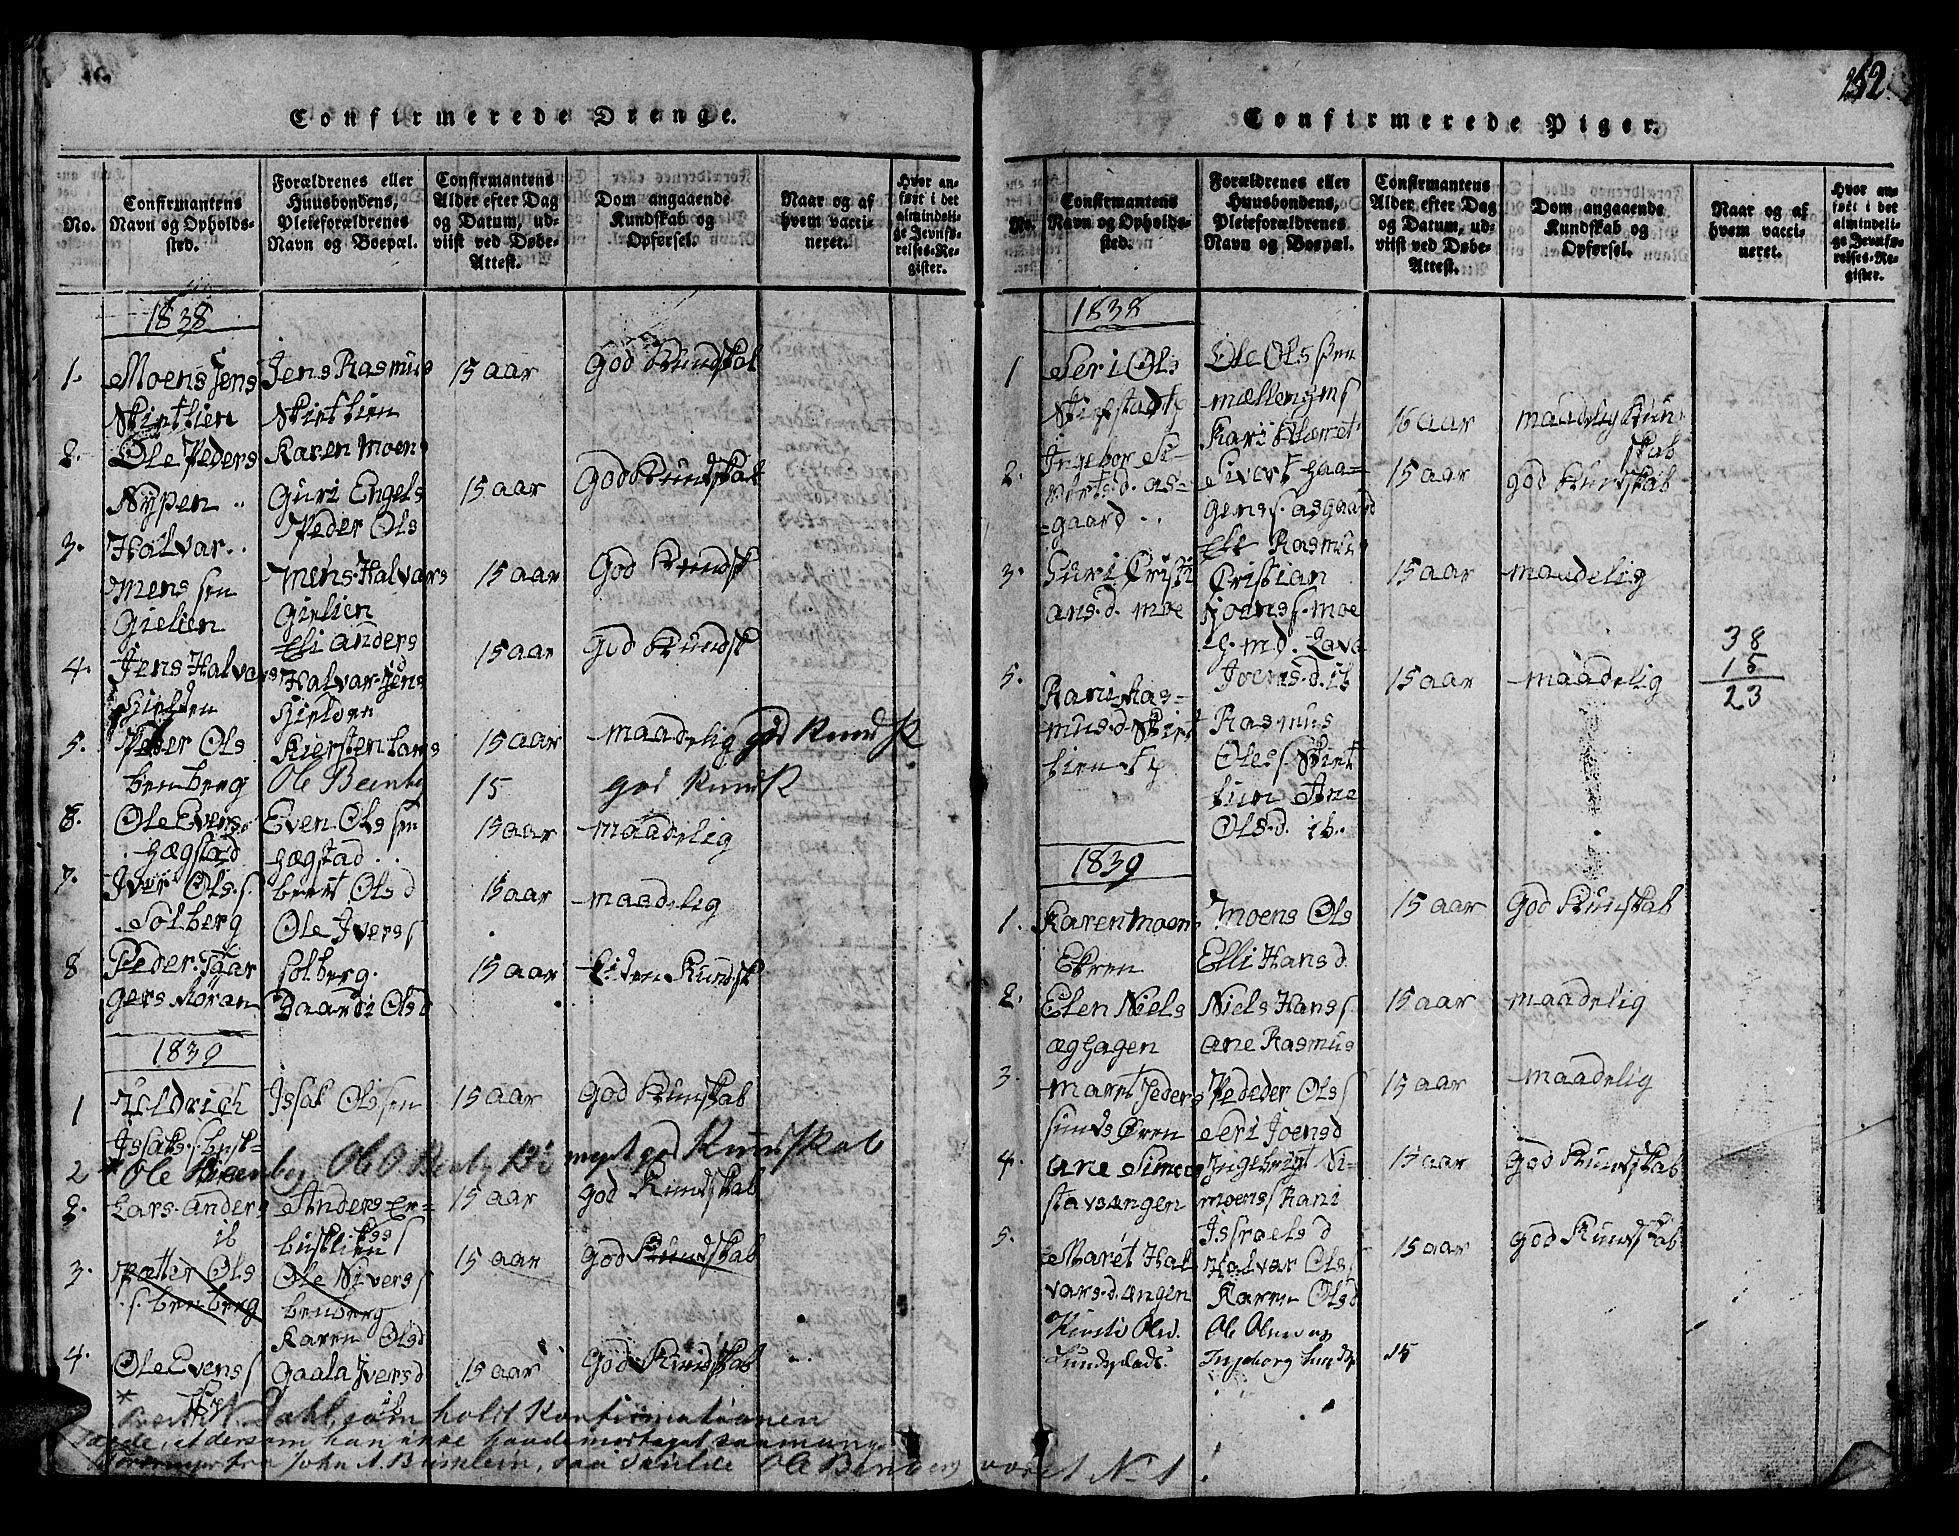 SAT, Ministerialprotokoller, klokkerbøker og fødselsregistre - Sør-Trøndelag, 613/L0393: Klokkerbok nr. 613C01, 1816-1886, s. 252